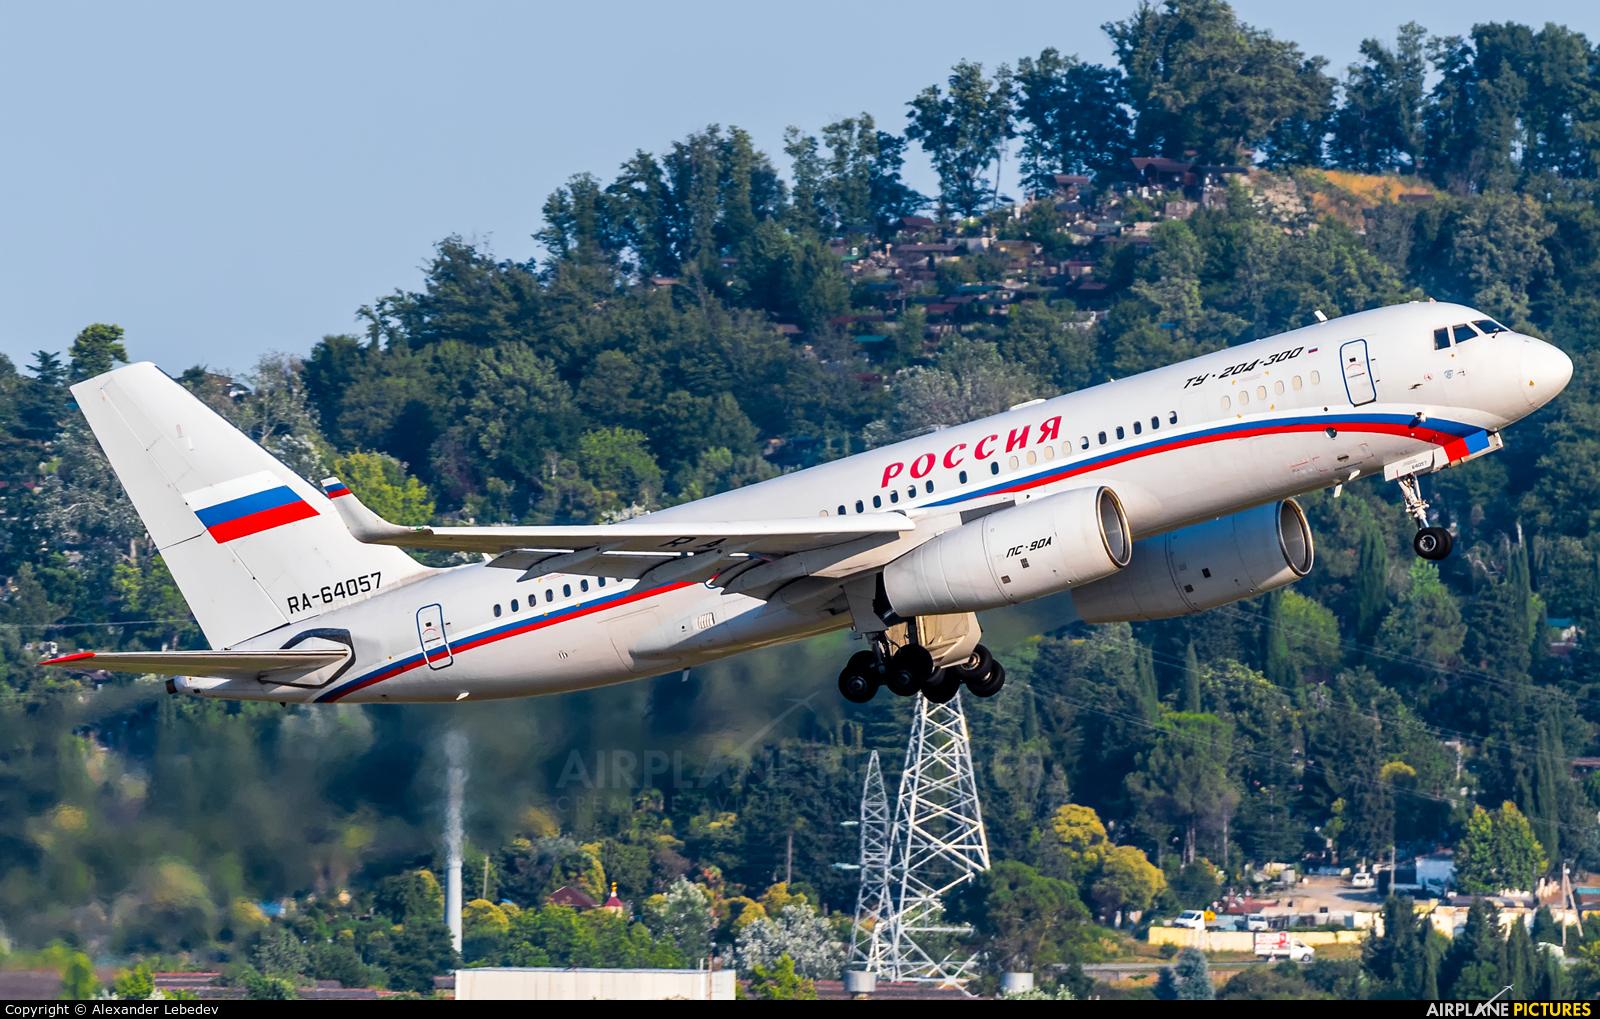 Rossiya RA-64057 aircraft at Sochi Intl